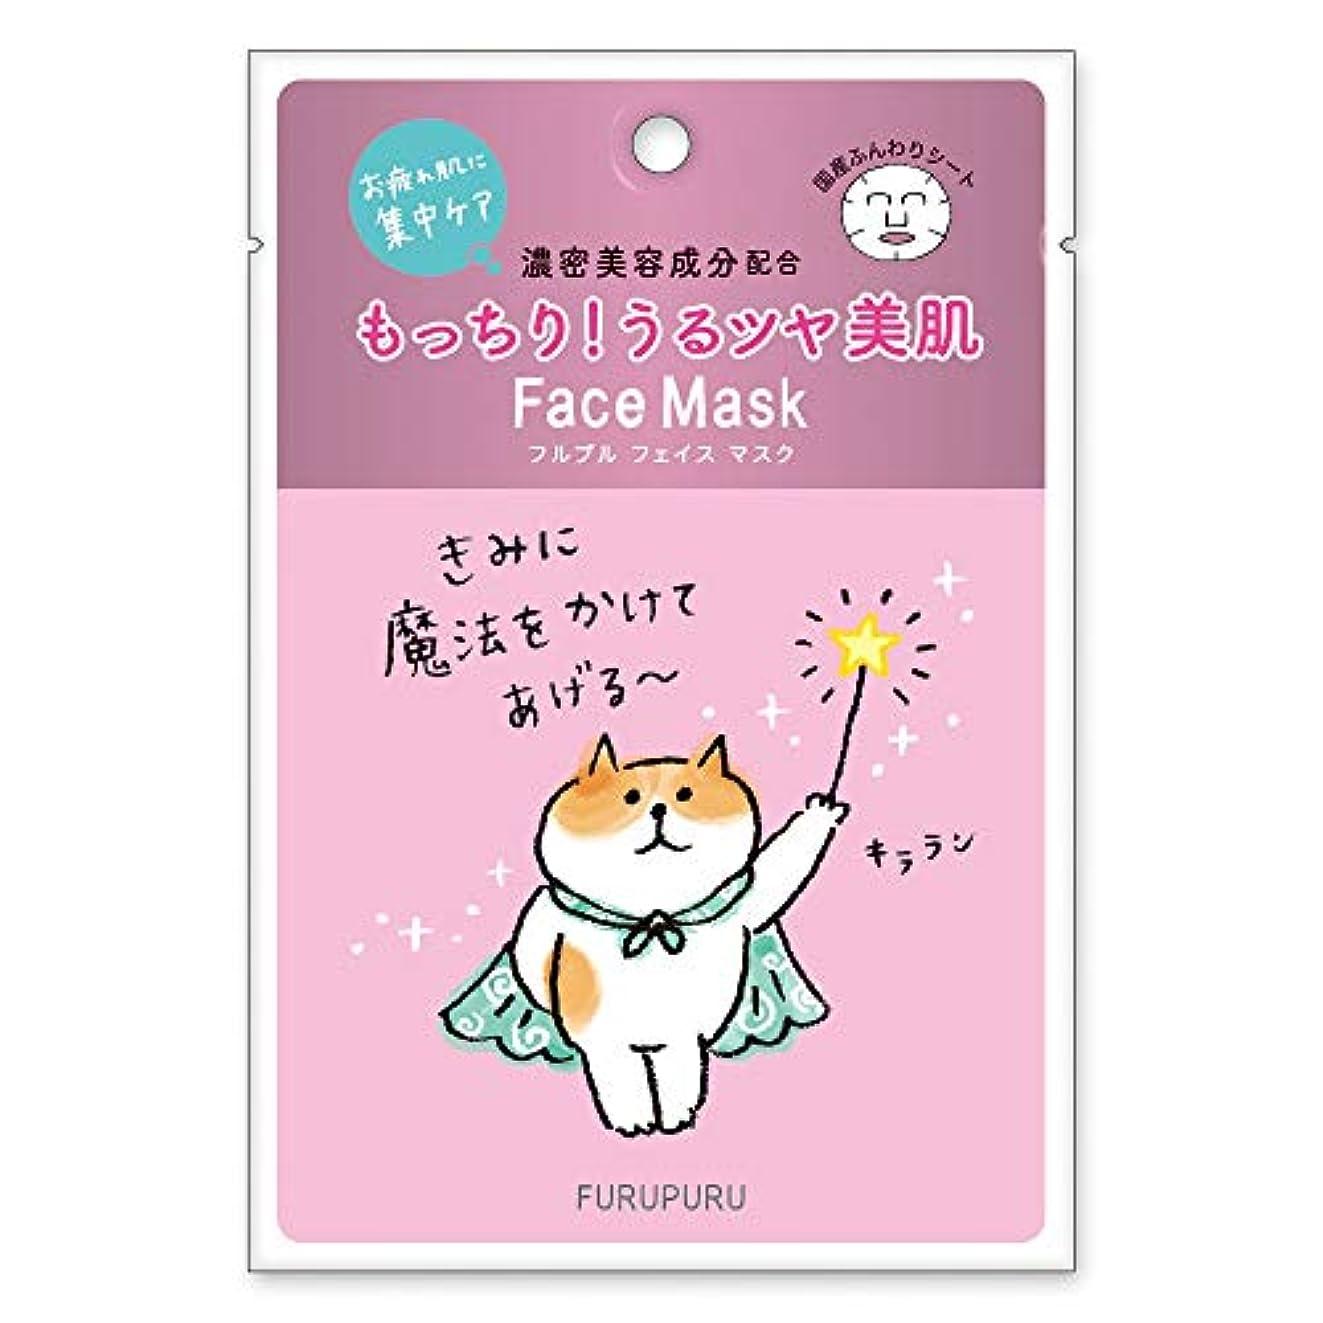 フルプルフェイスマスク ごろごろにゃんすけ 魔法 やさしく香る天然ローズの香り 30g